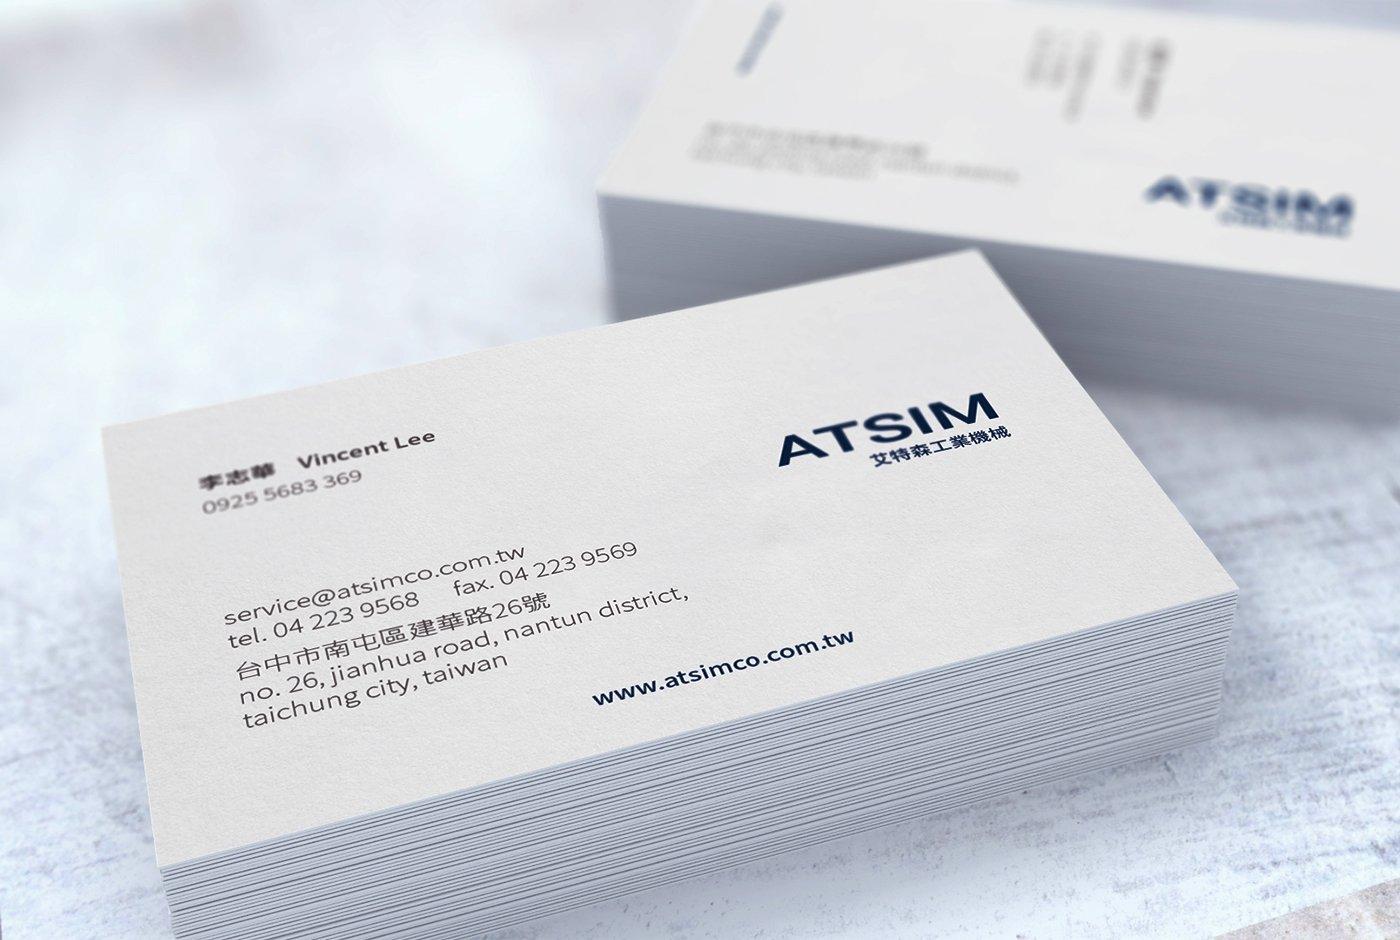 科技/精密工業品牌名片設計